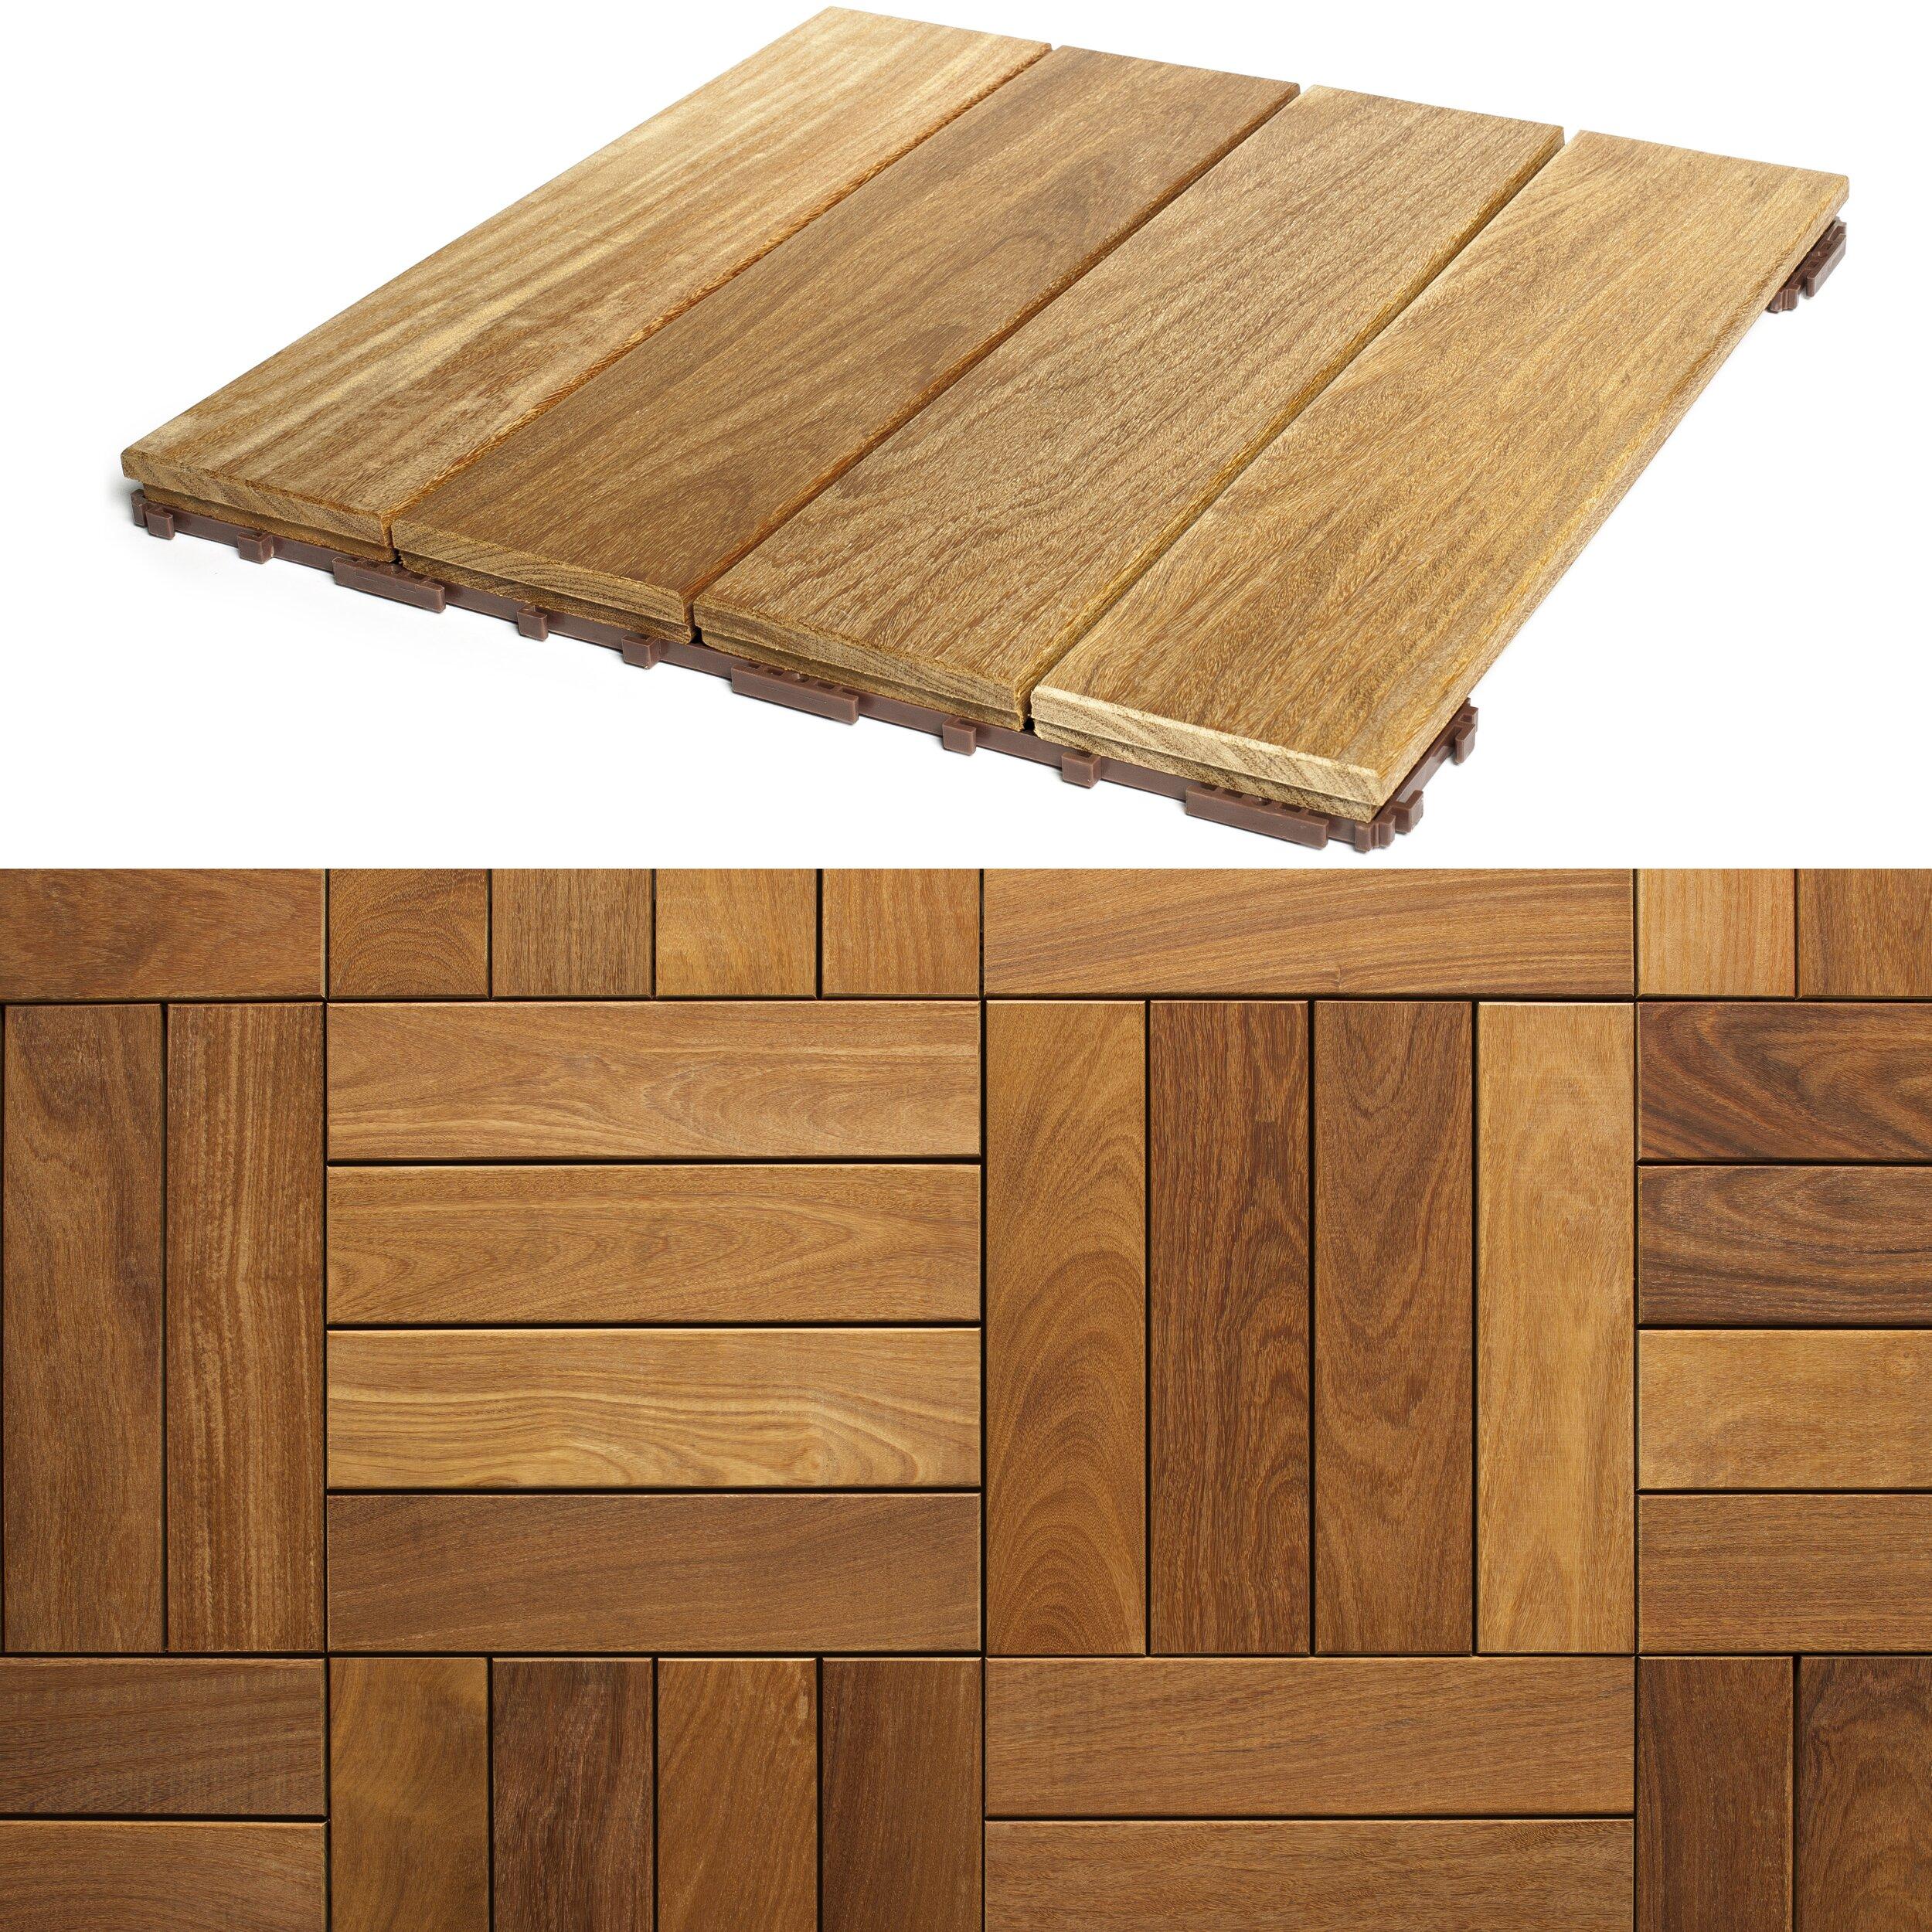 Flexdeck hardwood 18 x 18 snap in deck tiles in natural for 18 inch tiles floor